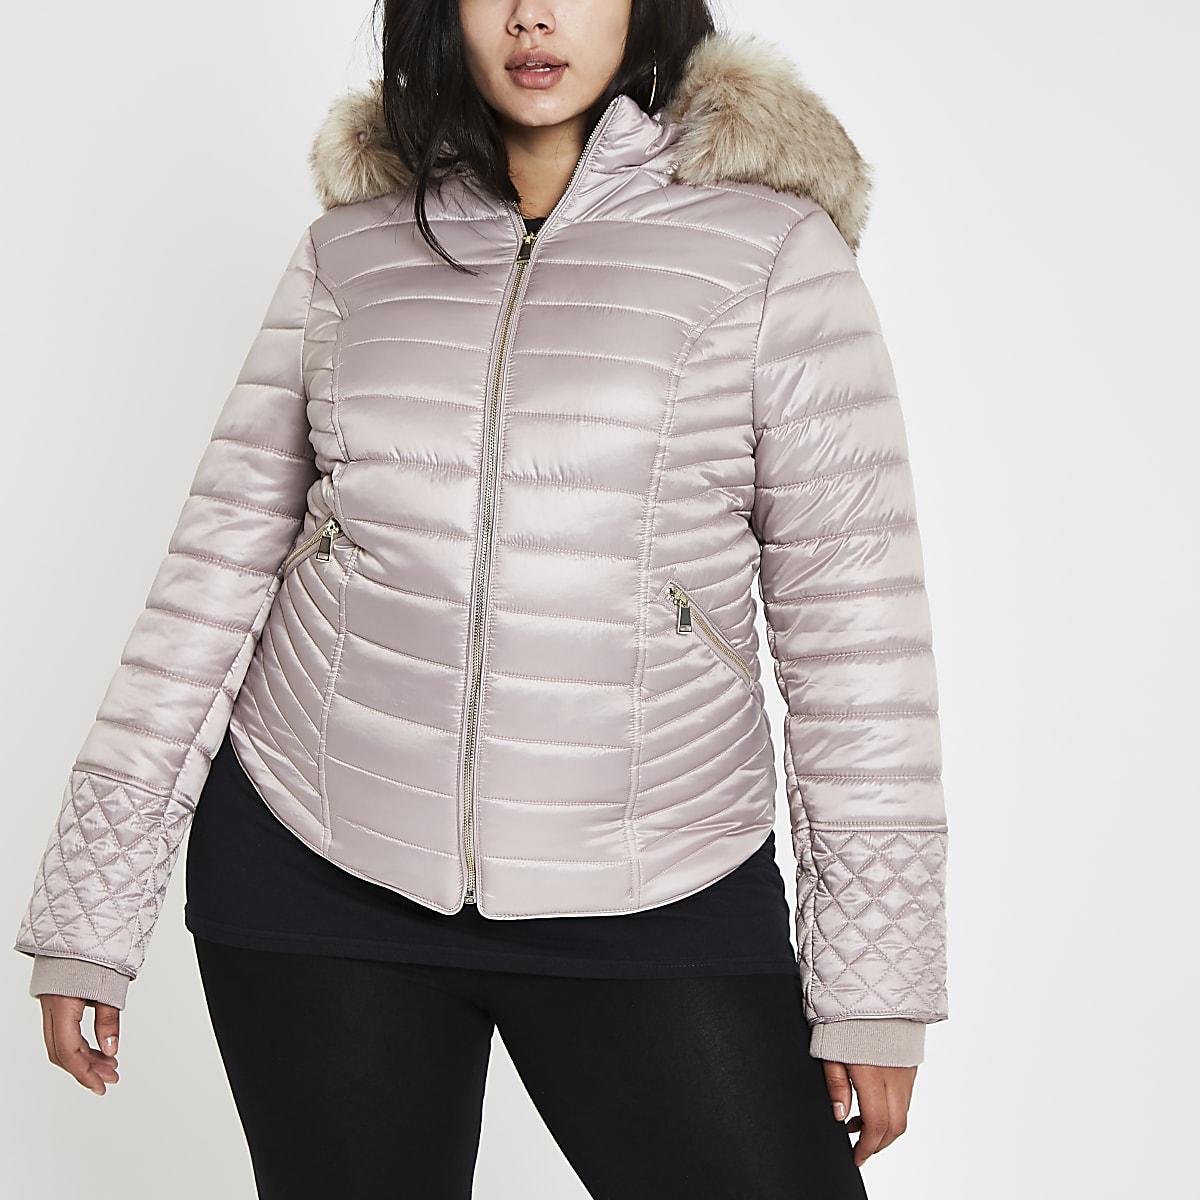 RI Plus - Crèmekleurige hoogglanzende gewatteerde jas van imitatiebont